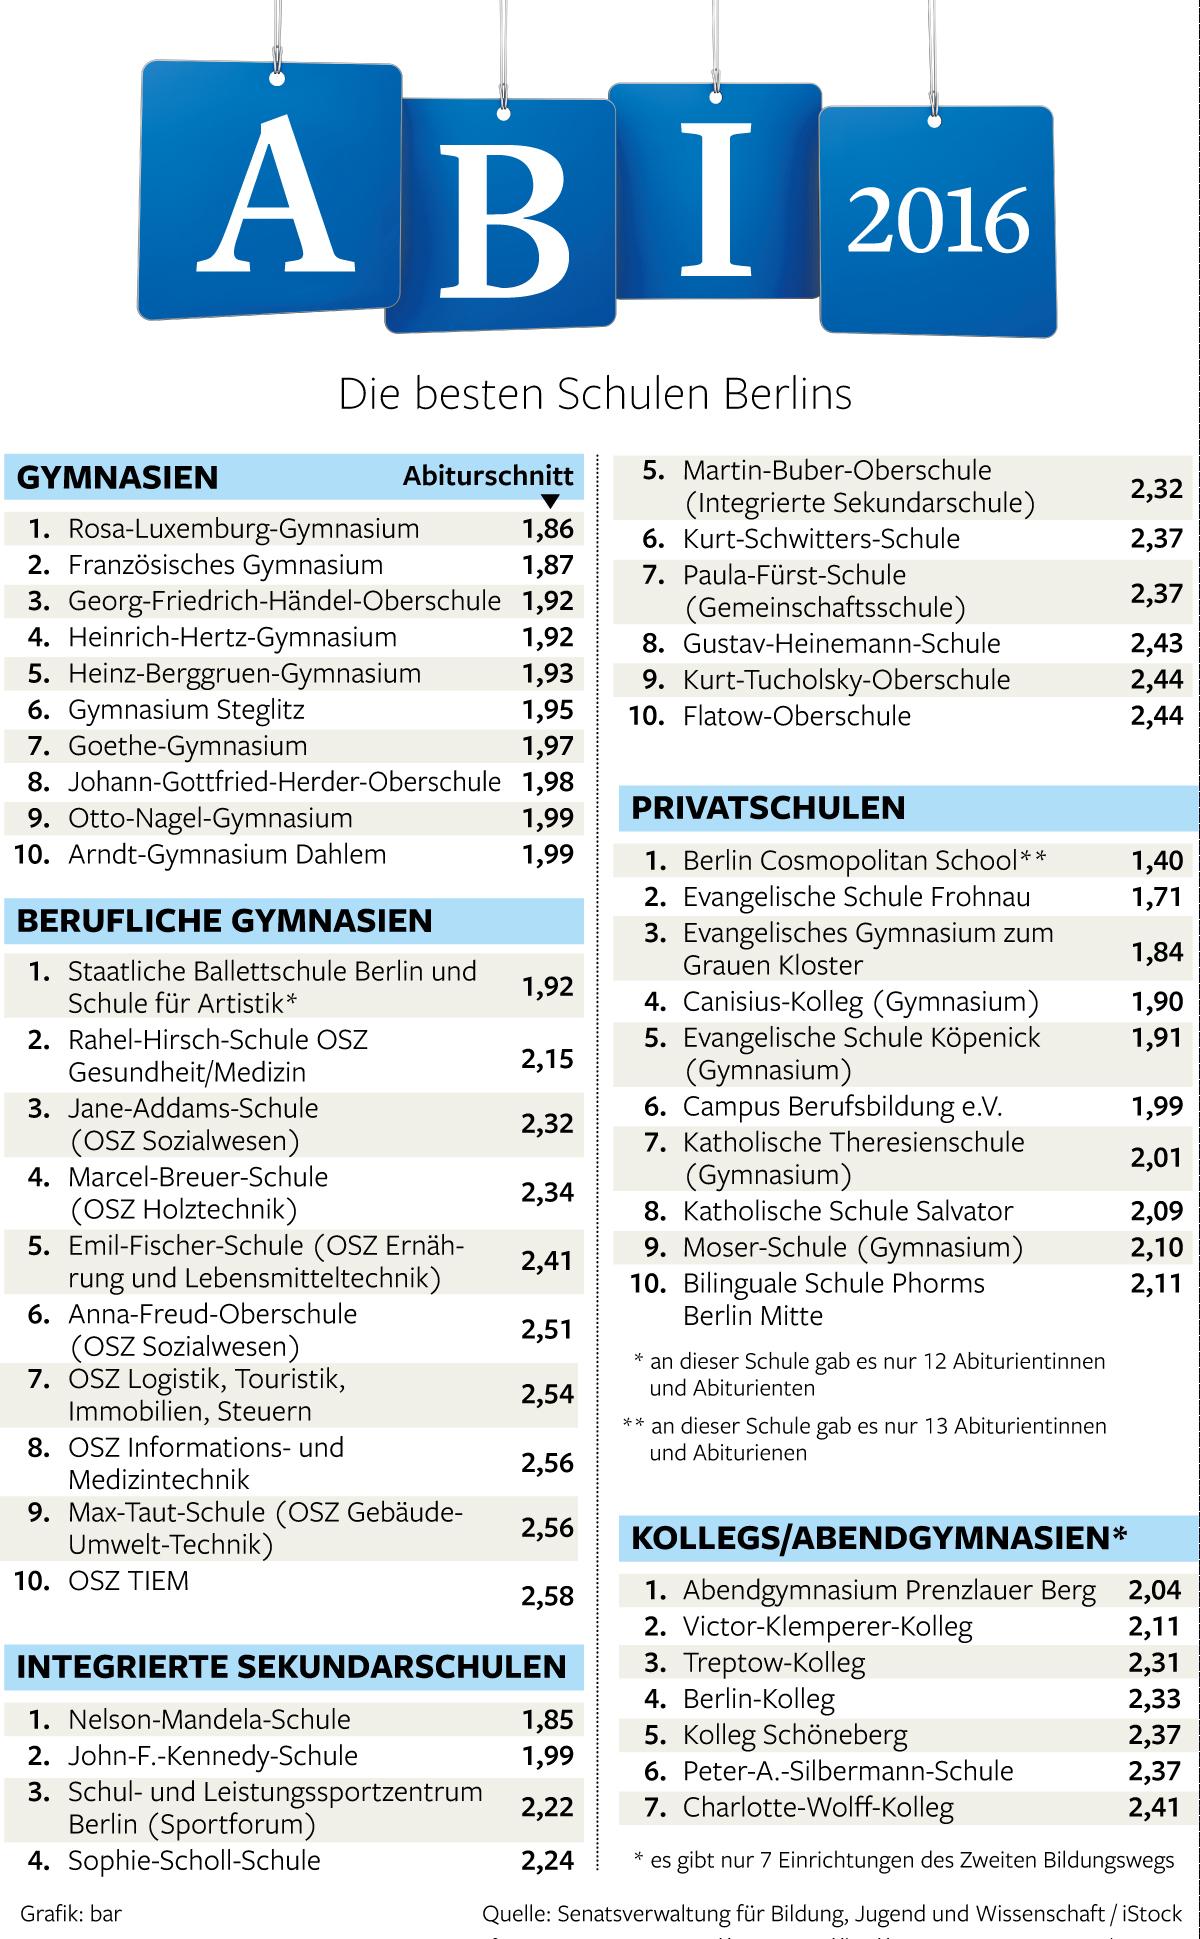 abitur in berlin das sind die besten schulen der hauptstadt berlin aktuelle nachrichten. Black Bedroom Furniture Sets. Home Design Ideas